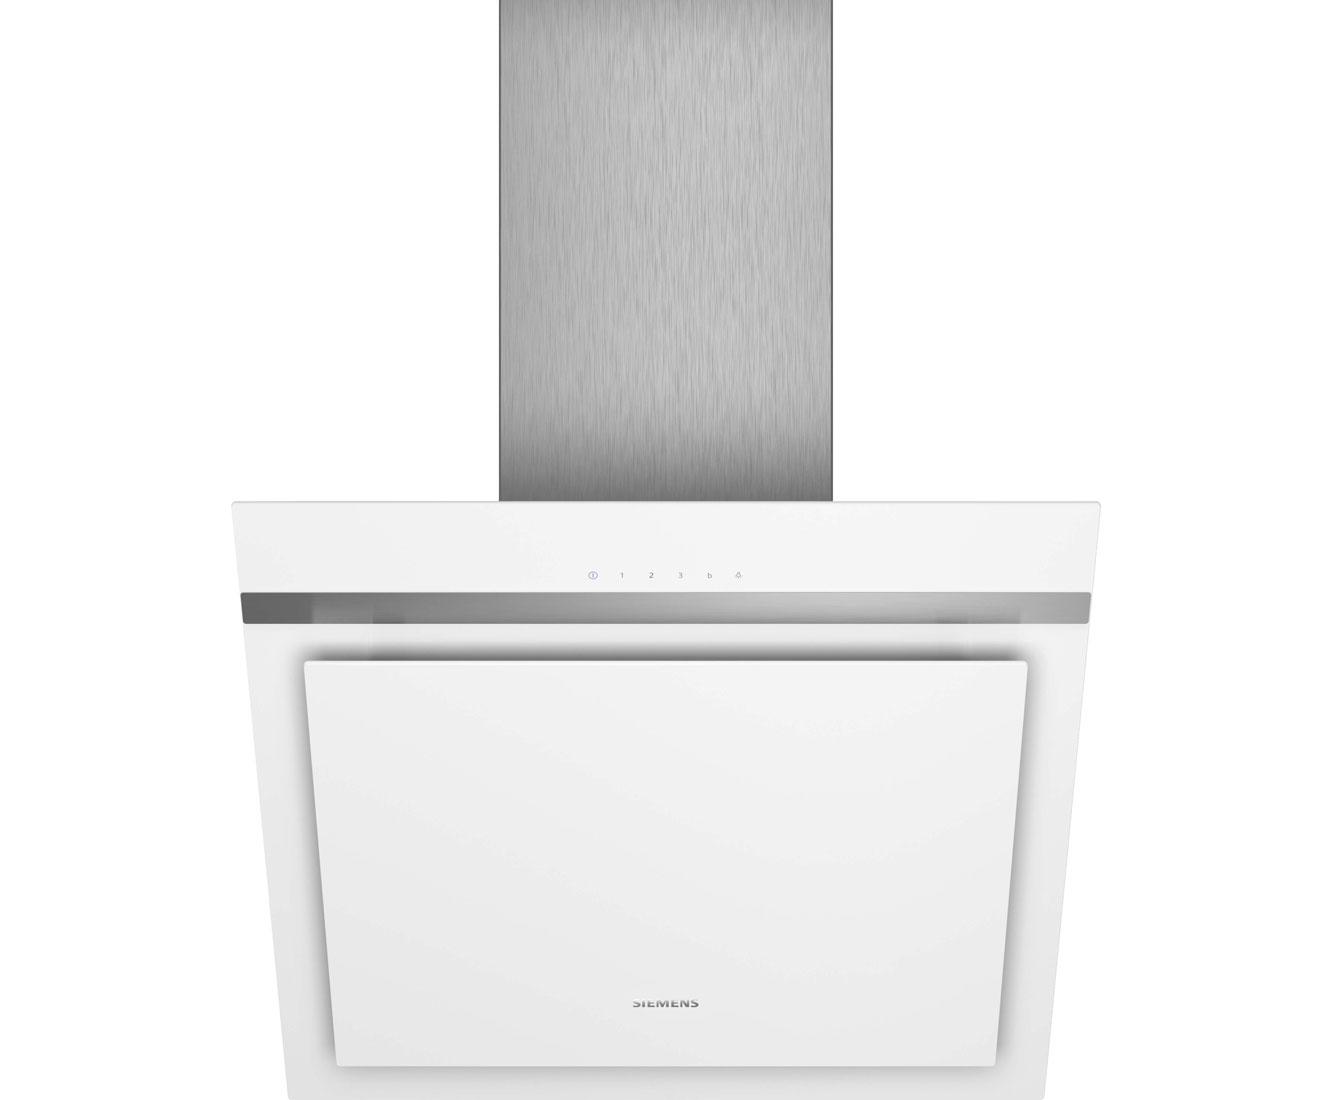 Siemens kühlschrank alarmton ausschalten: aktuelle angebote